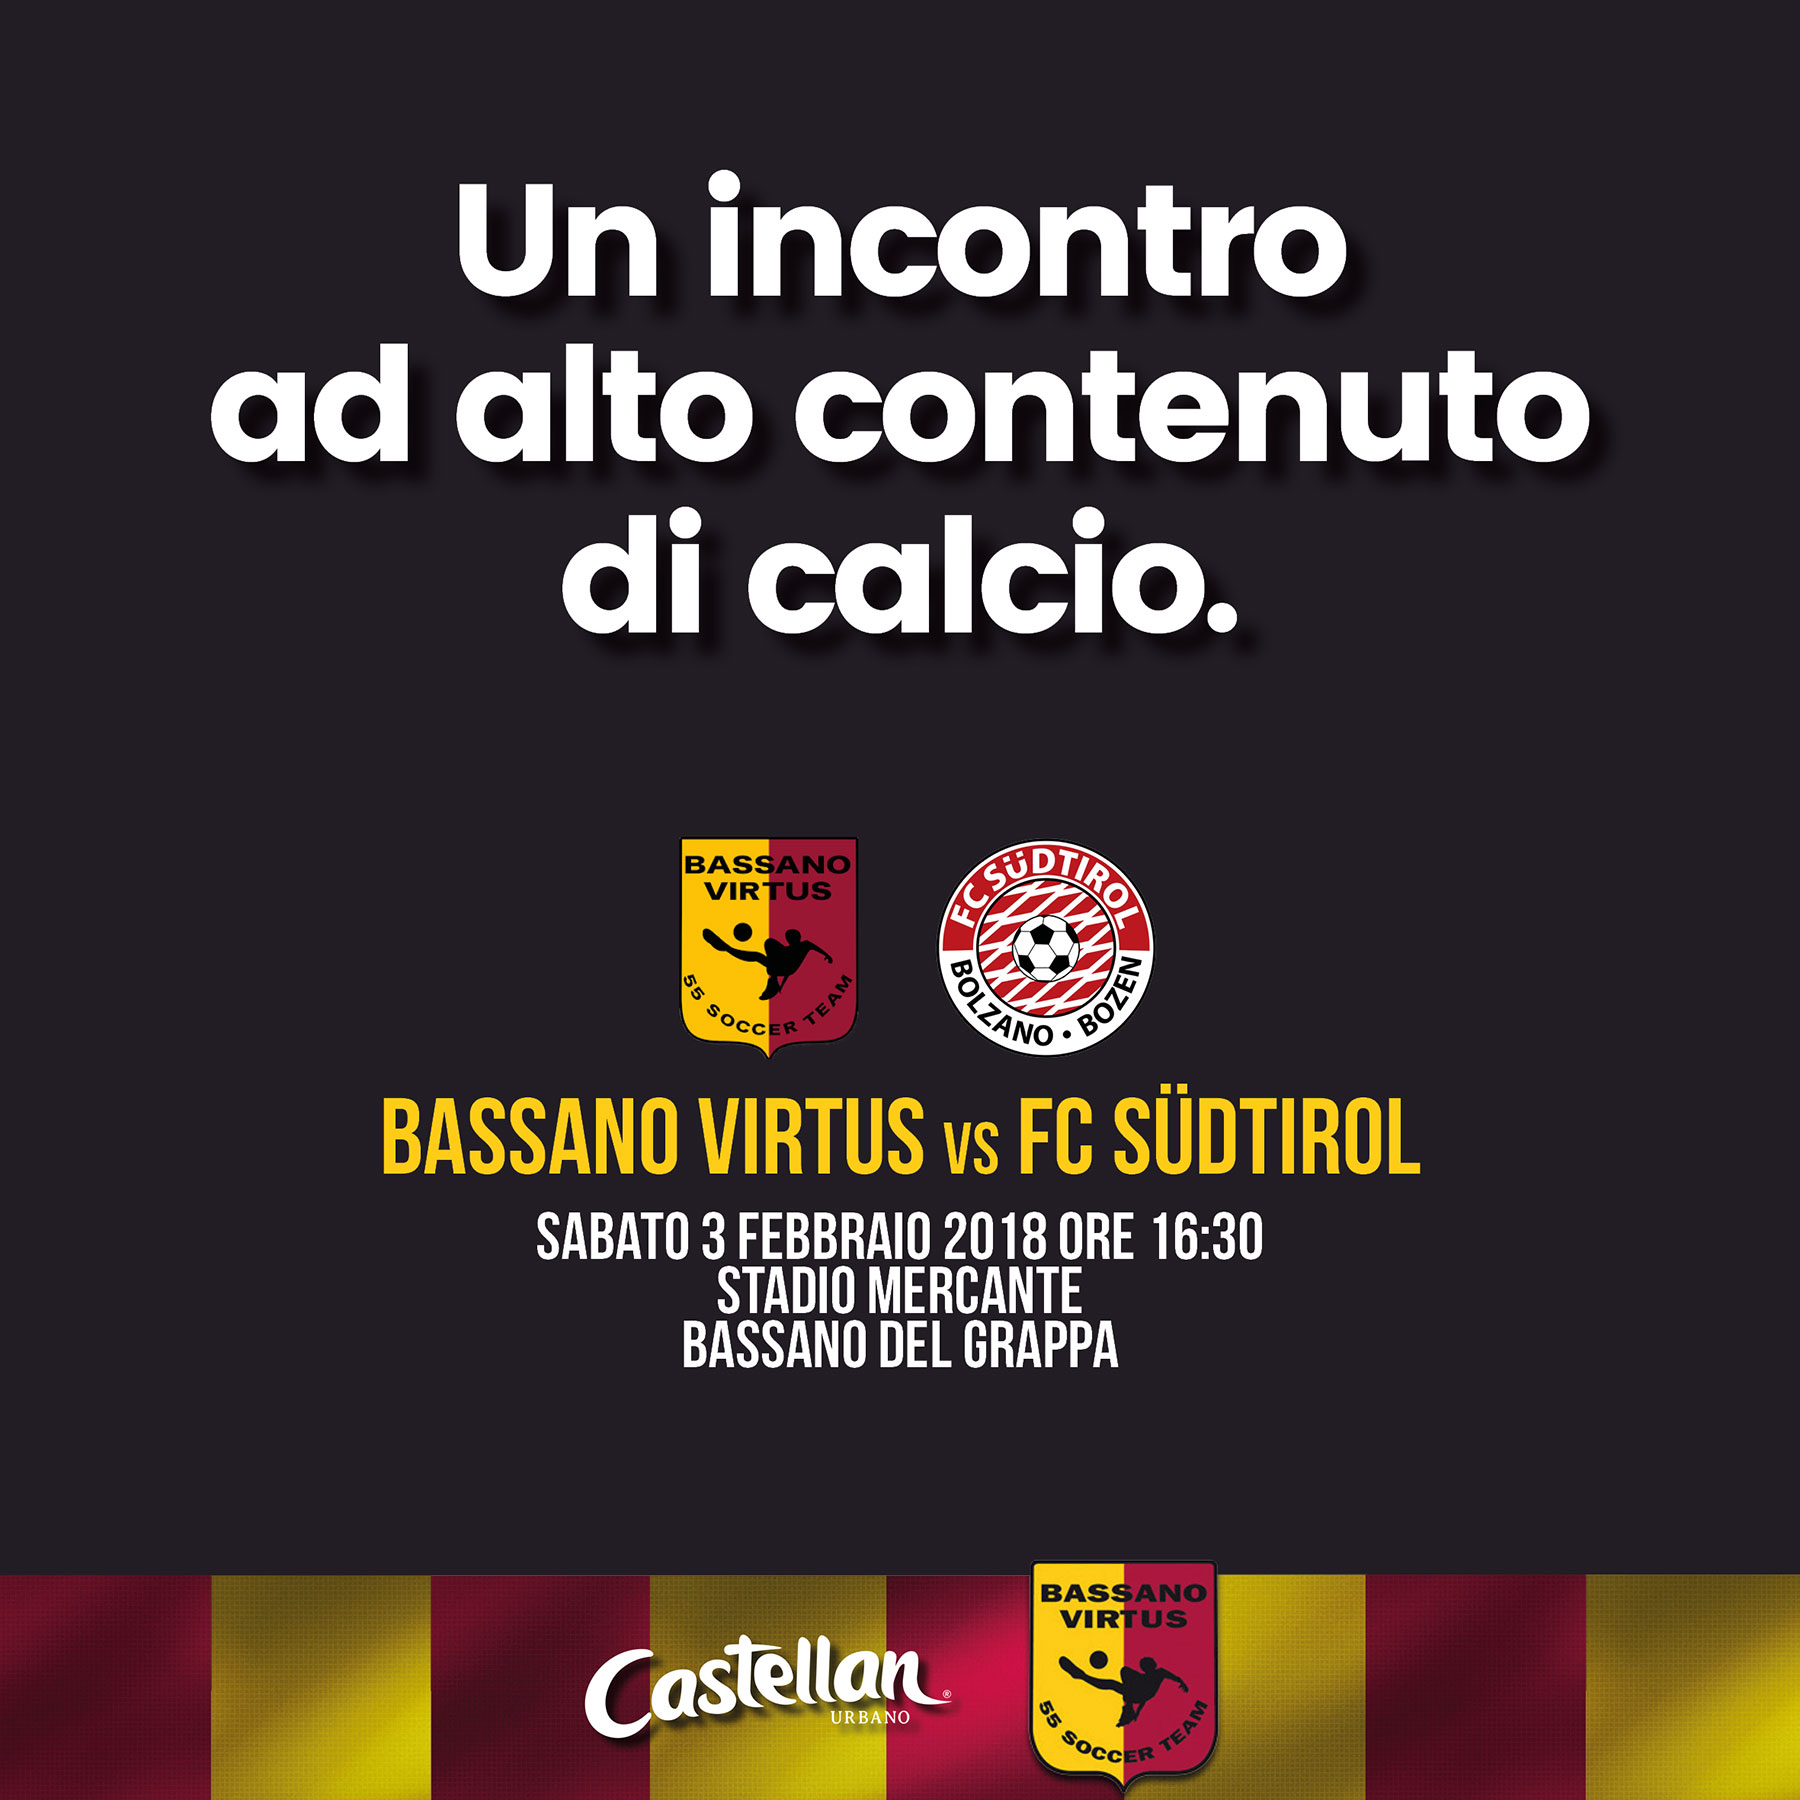 Incontro-ad-alto-contenuto-calcio-caseificio-castellan-bassano-virtus